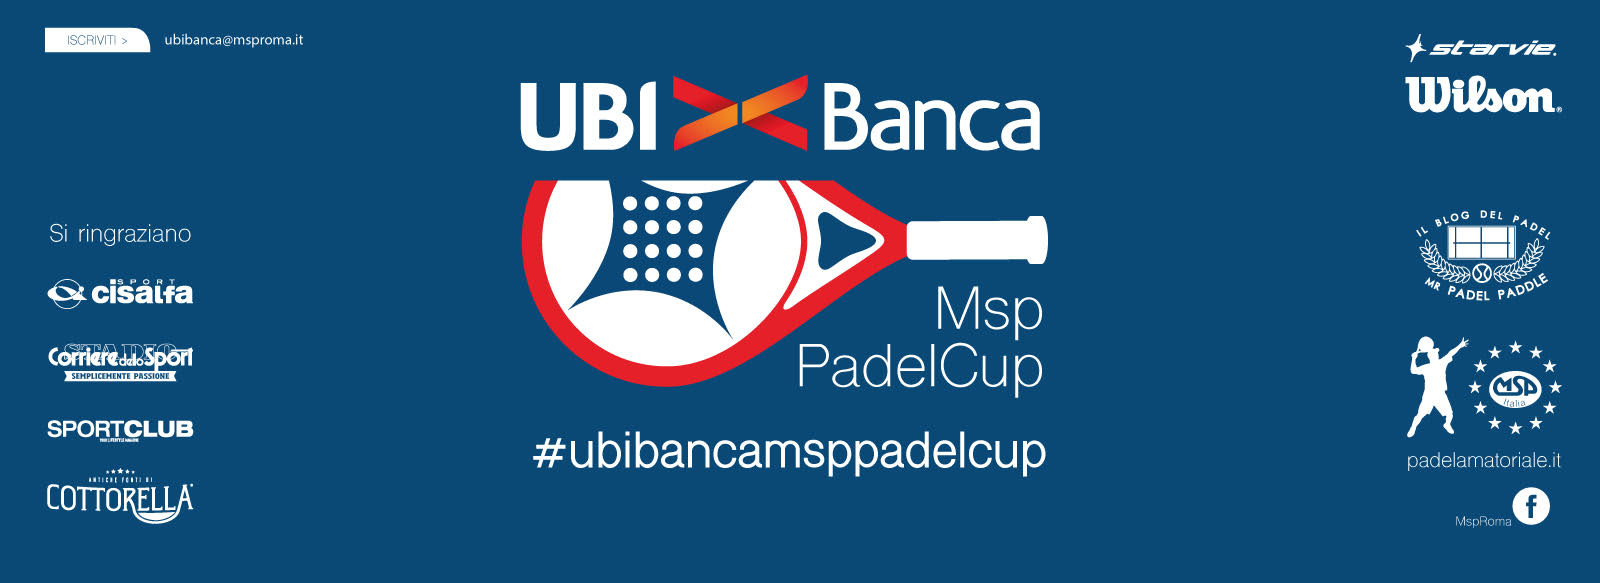 MSP Padel Cup UBI Banca